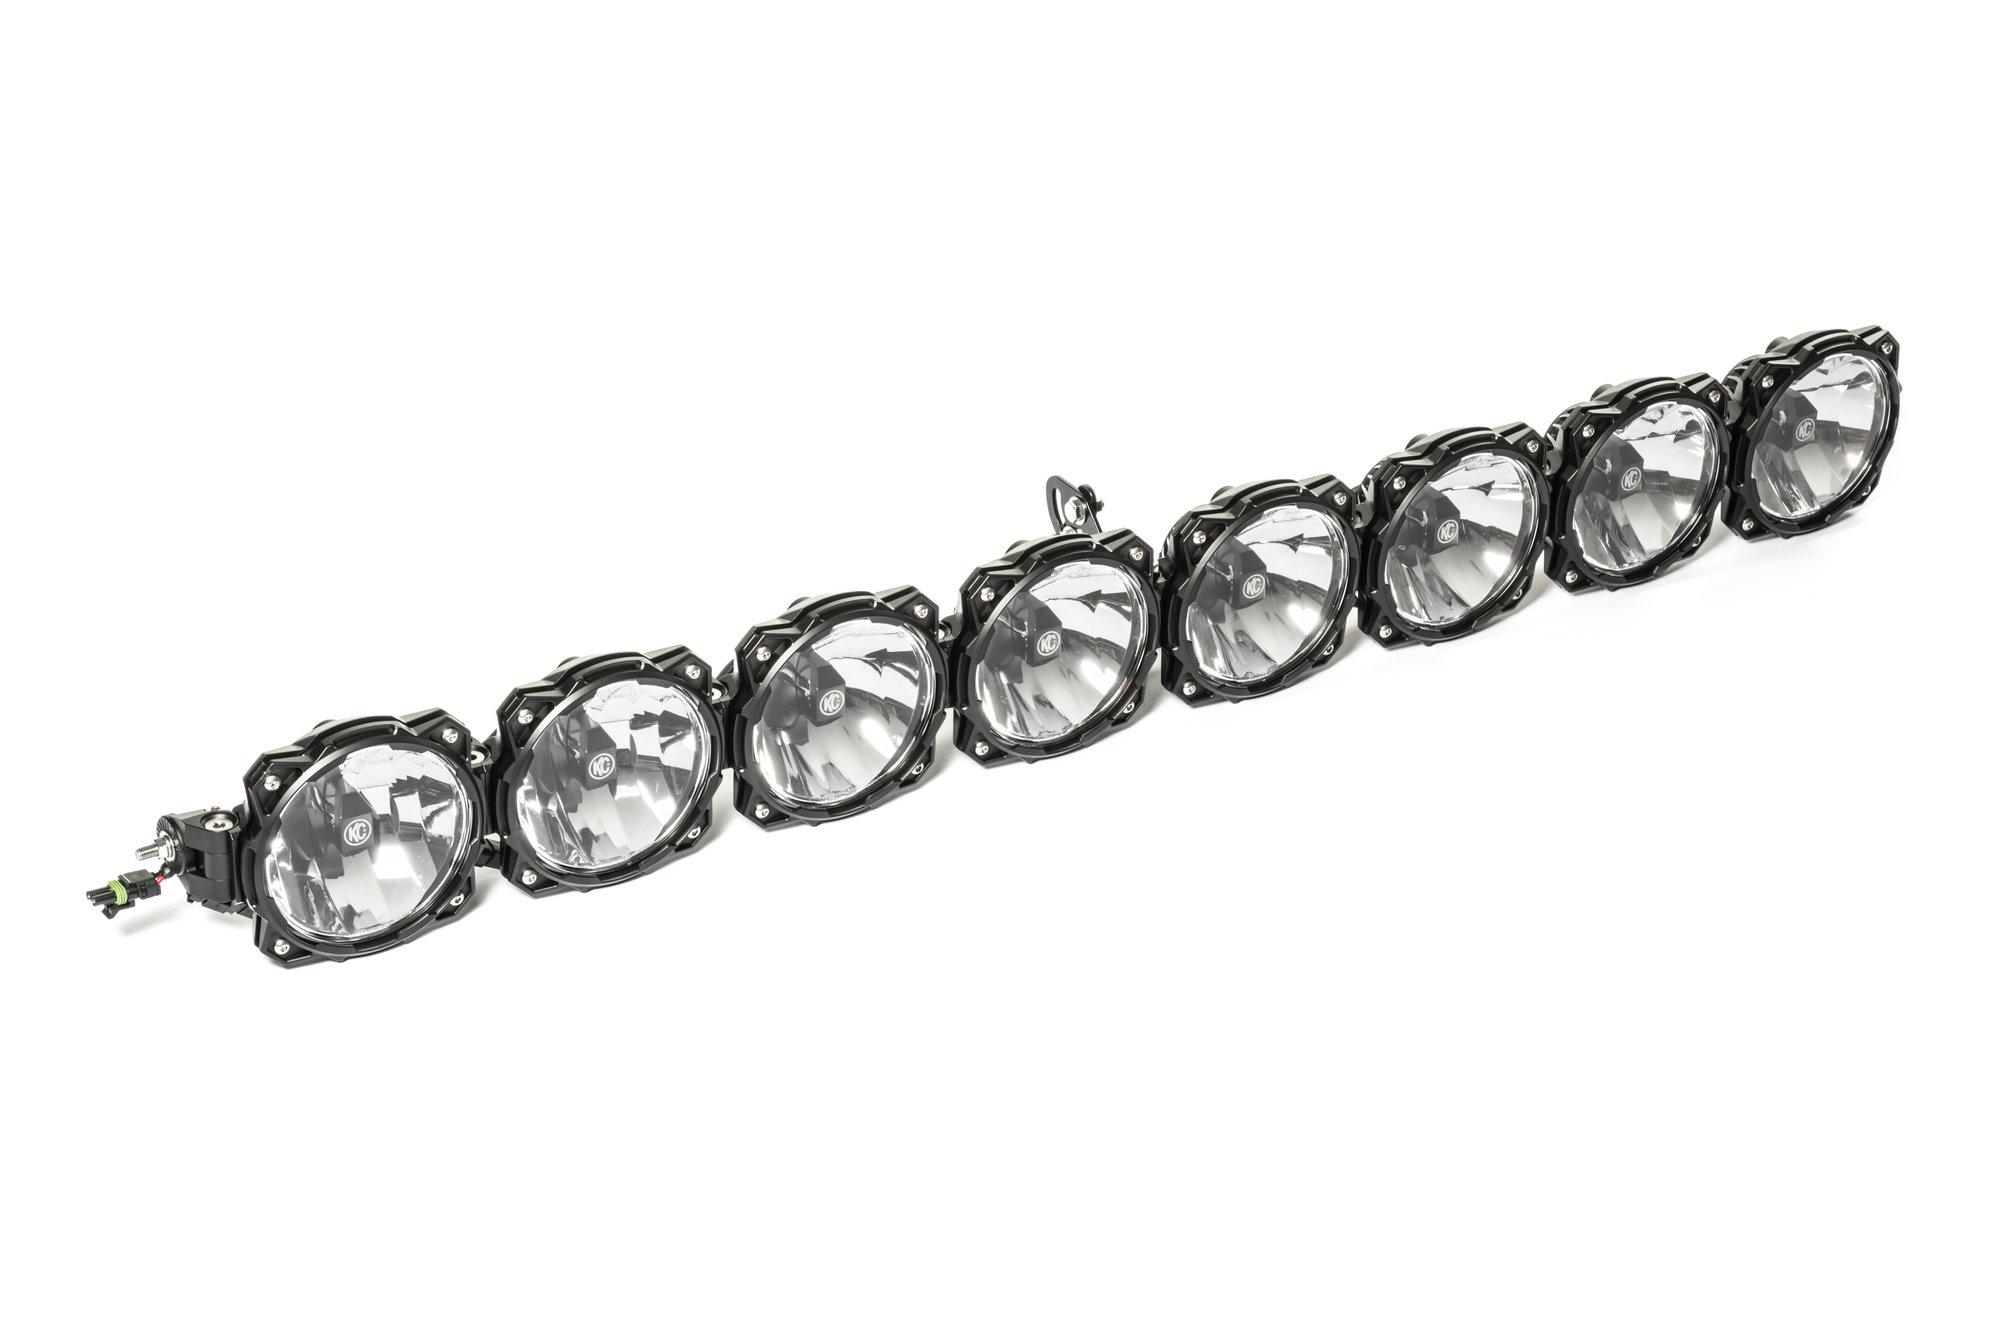 Kc Hilites Gravity Led Pro6 50 Led Light Bar